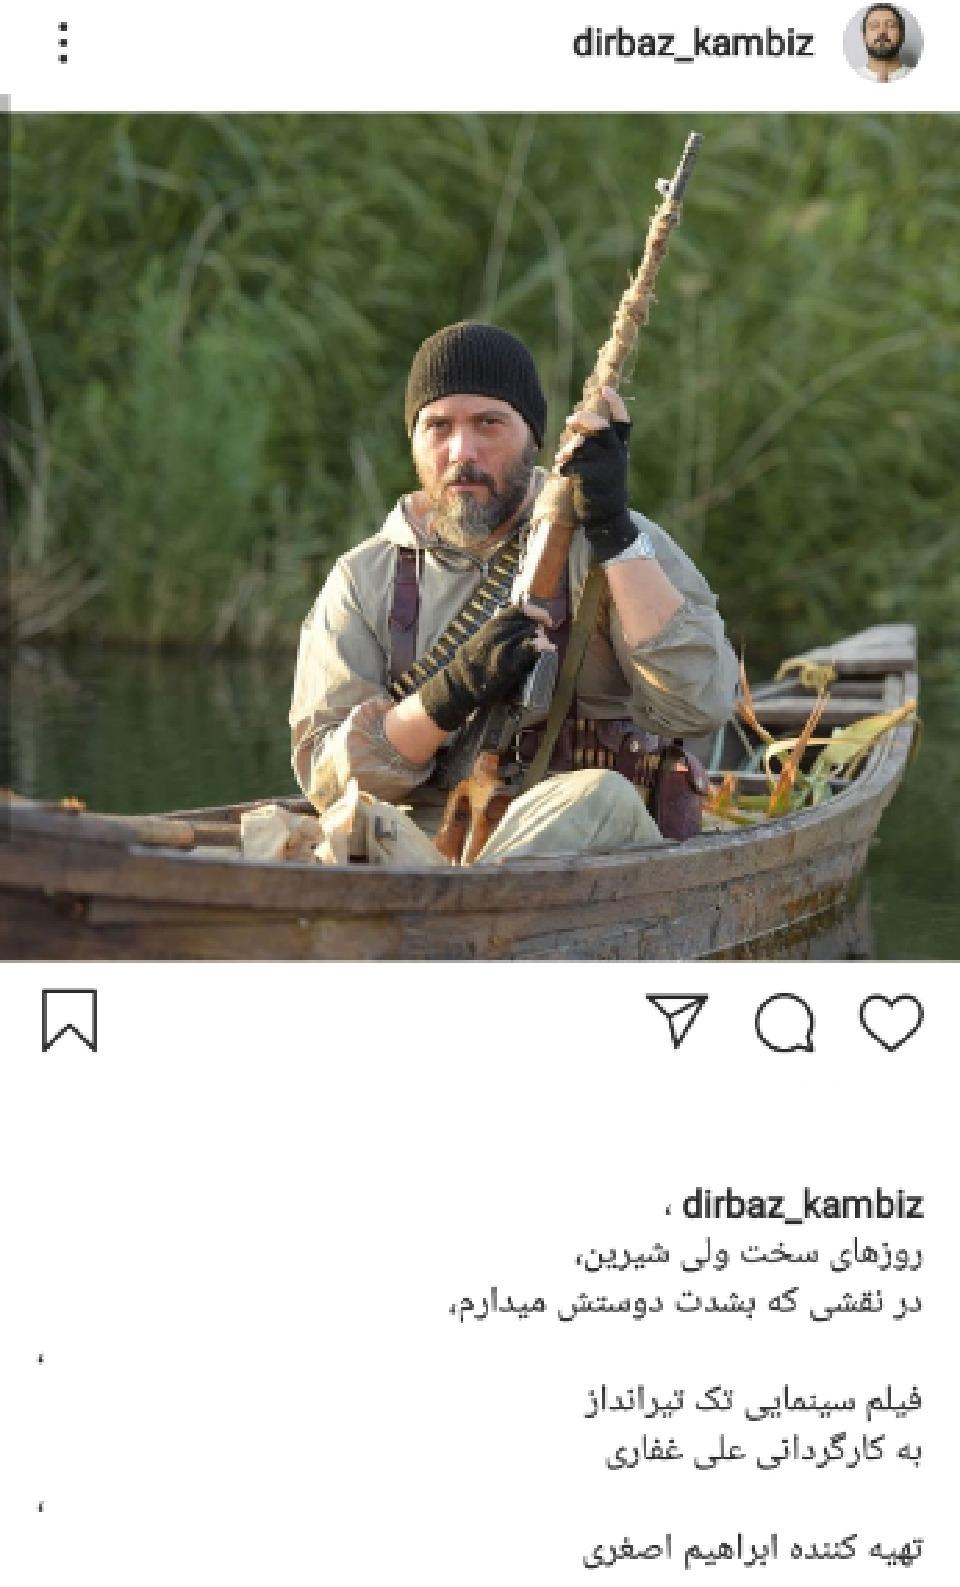 کامبیز دیرباز در نقش شهید زرین